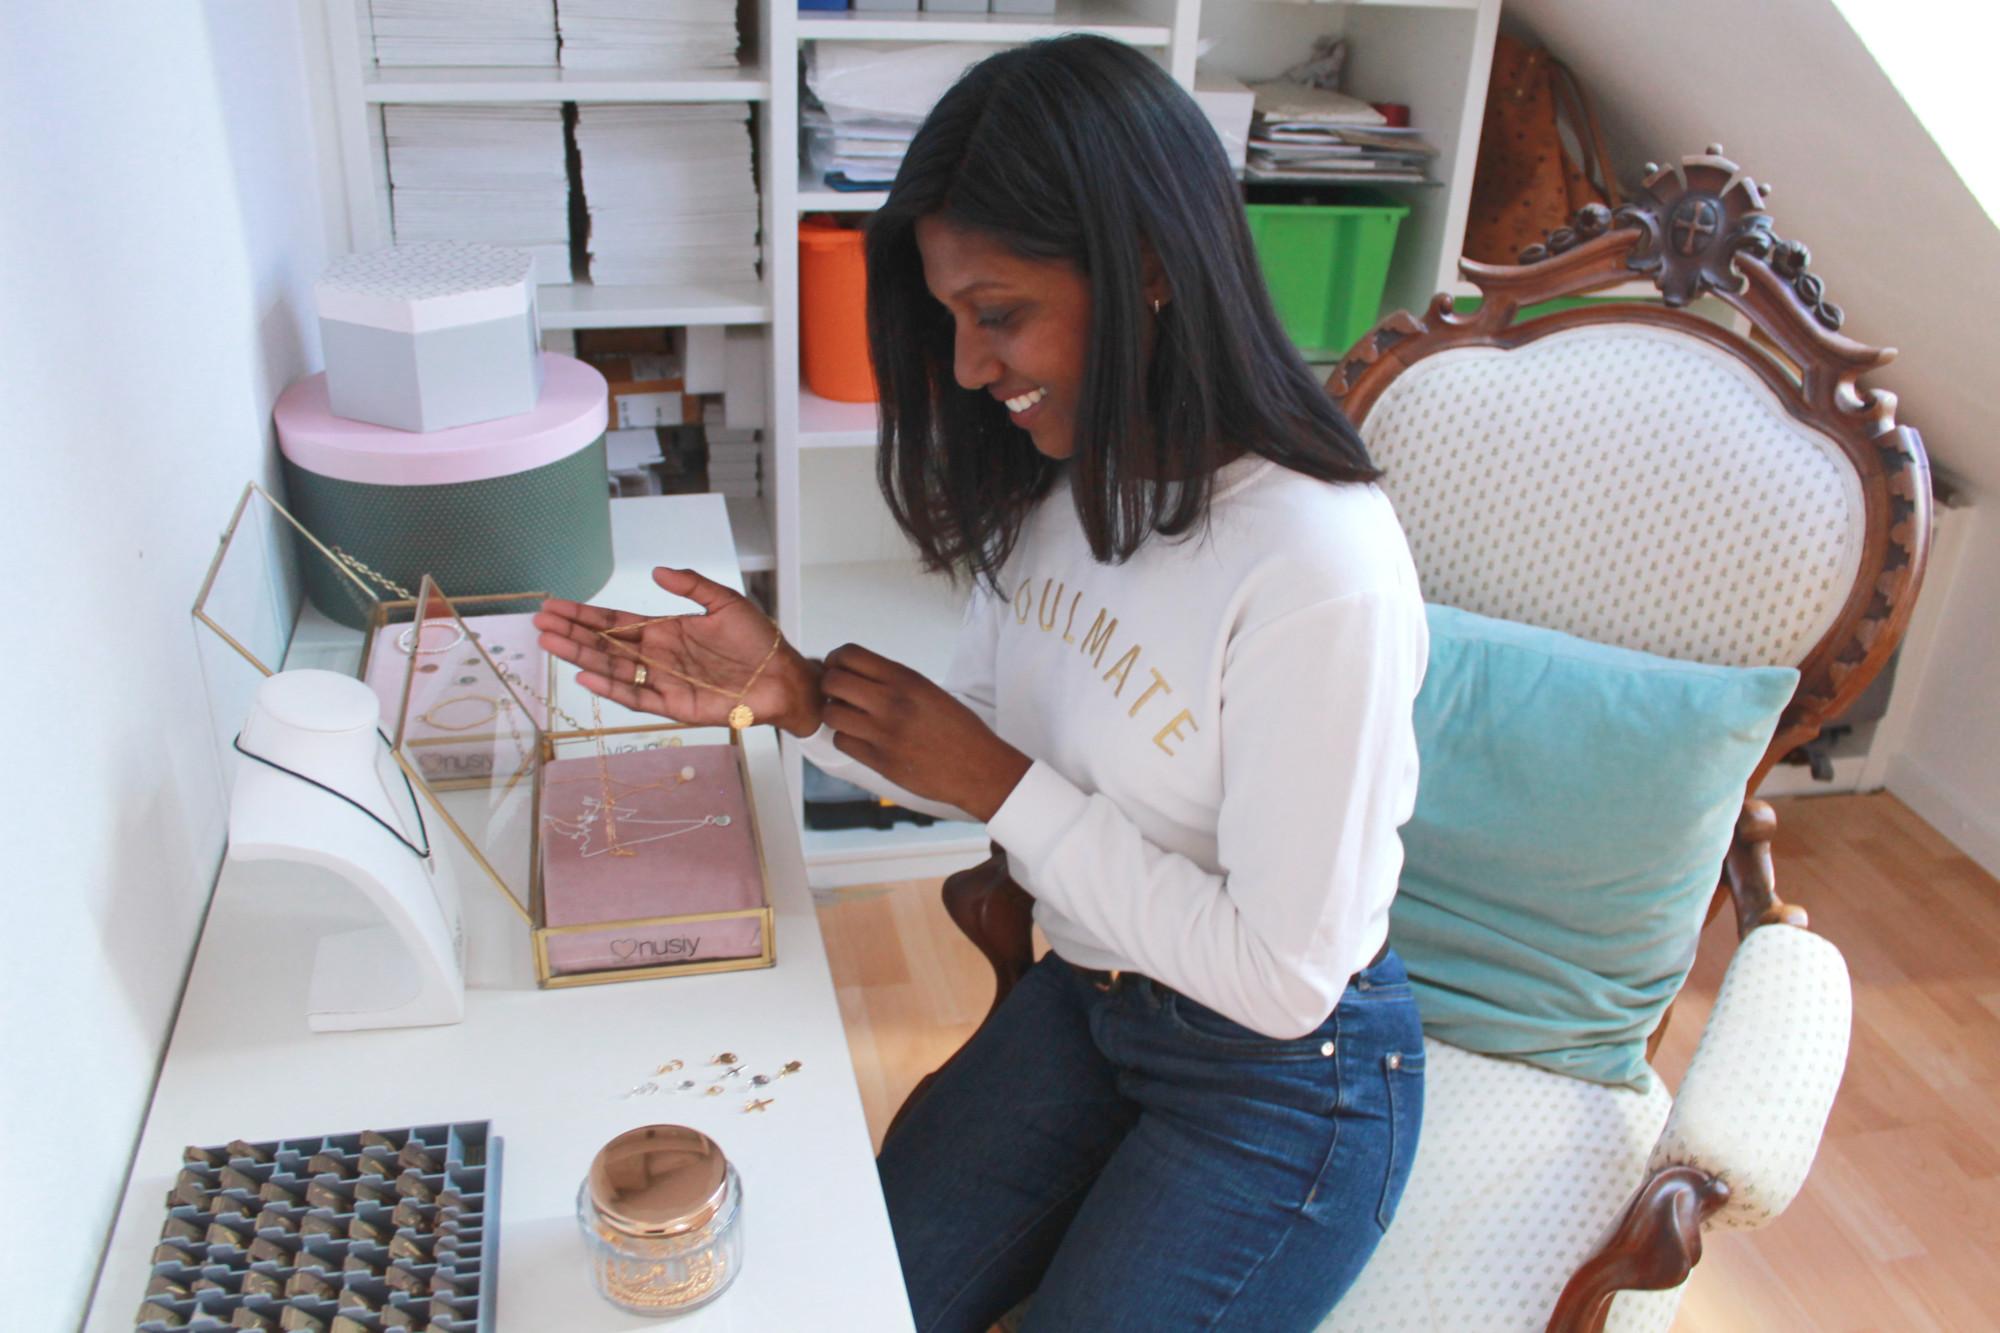 Gründerin Anusiya hält ihren eigenen personalisierten Schmuck des Labels nusiy.